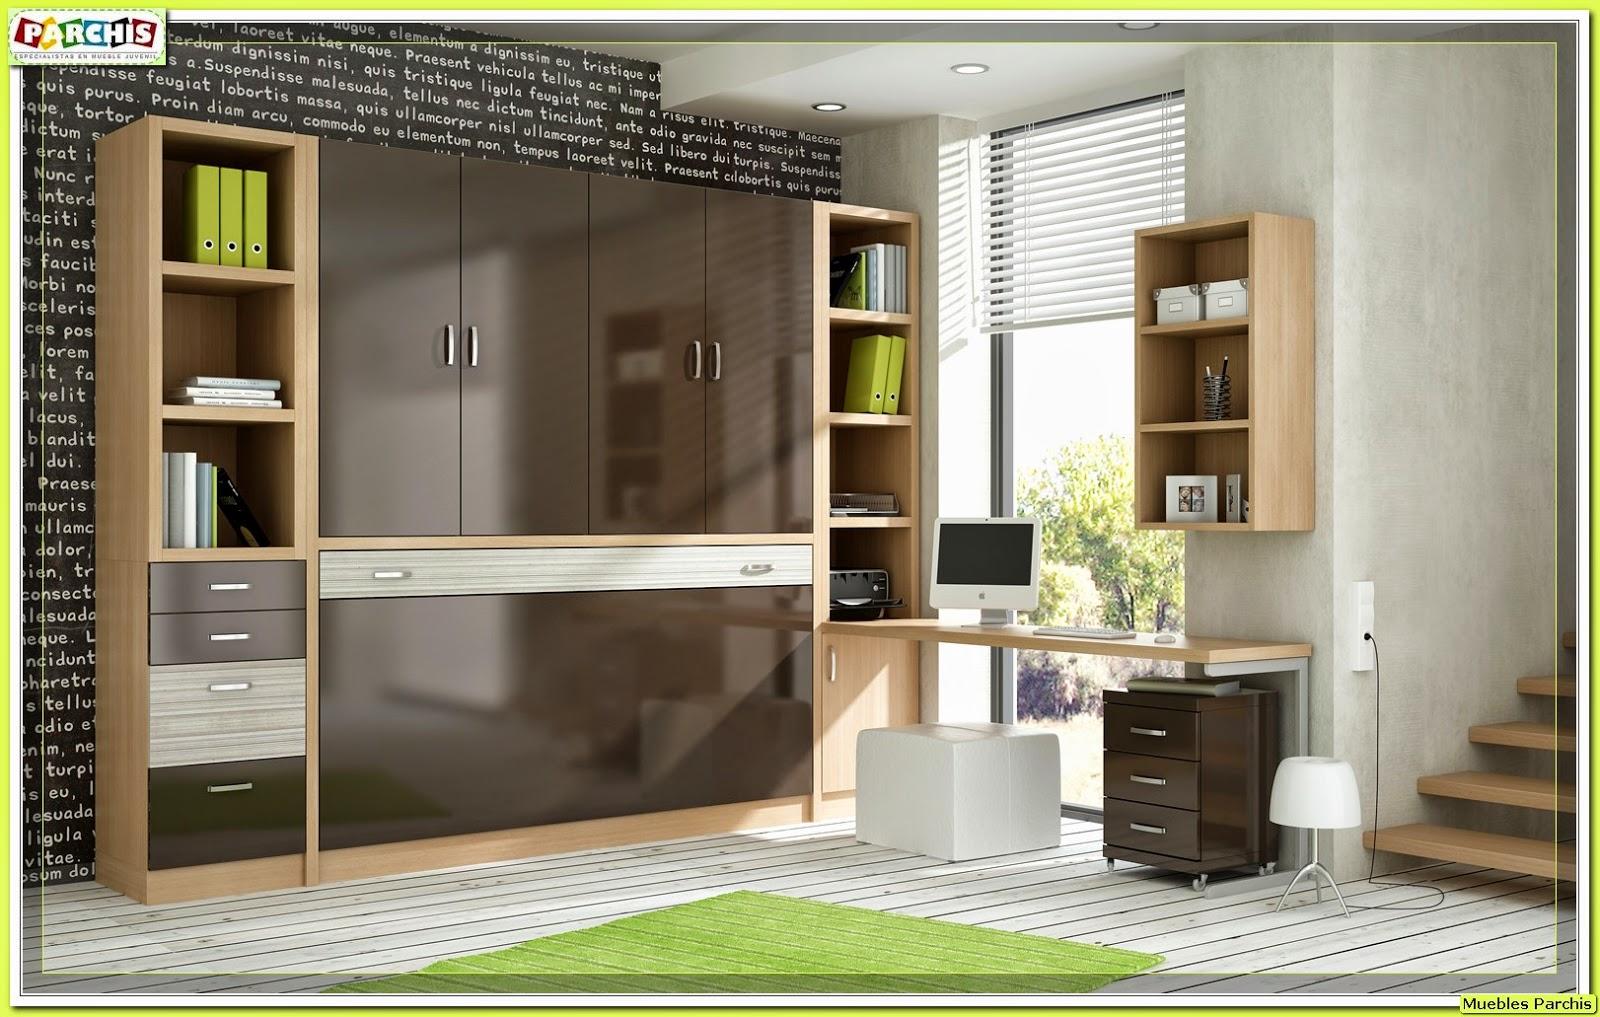 Cama mesa abatible camas autoportantes camas abatibles - Habitaciones juveniles camas abatibles horizontales ...